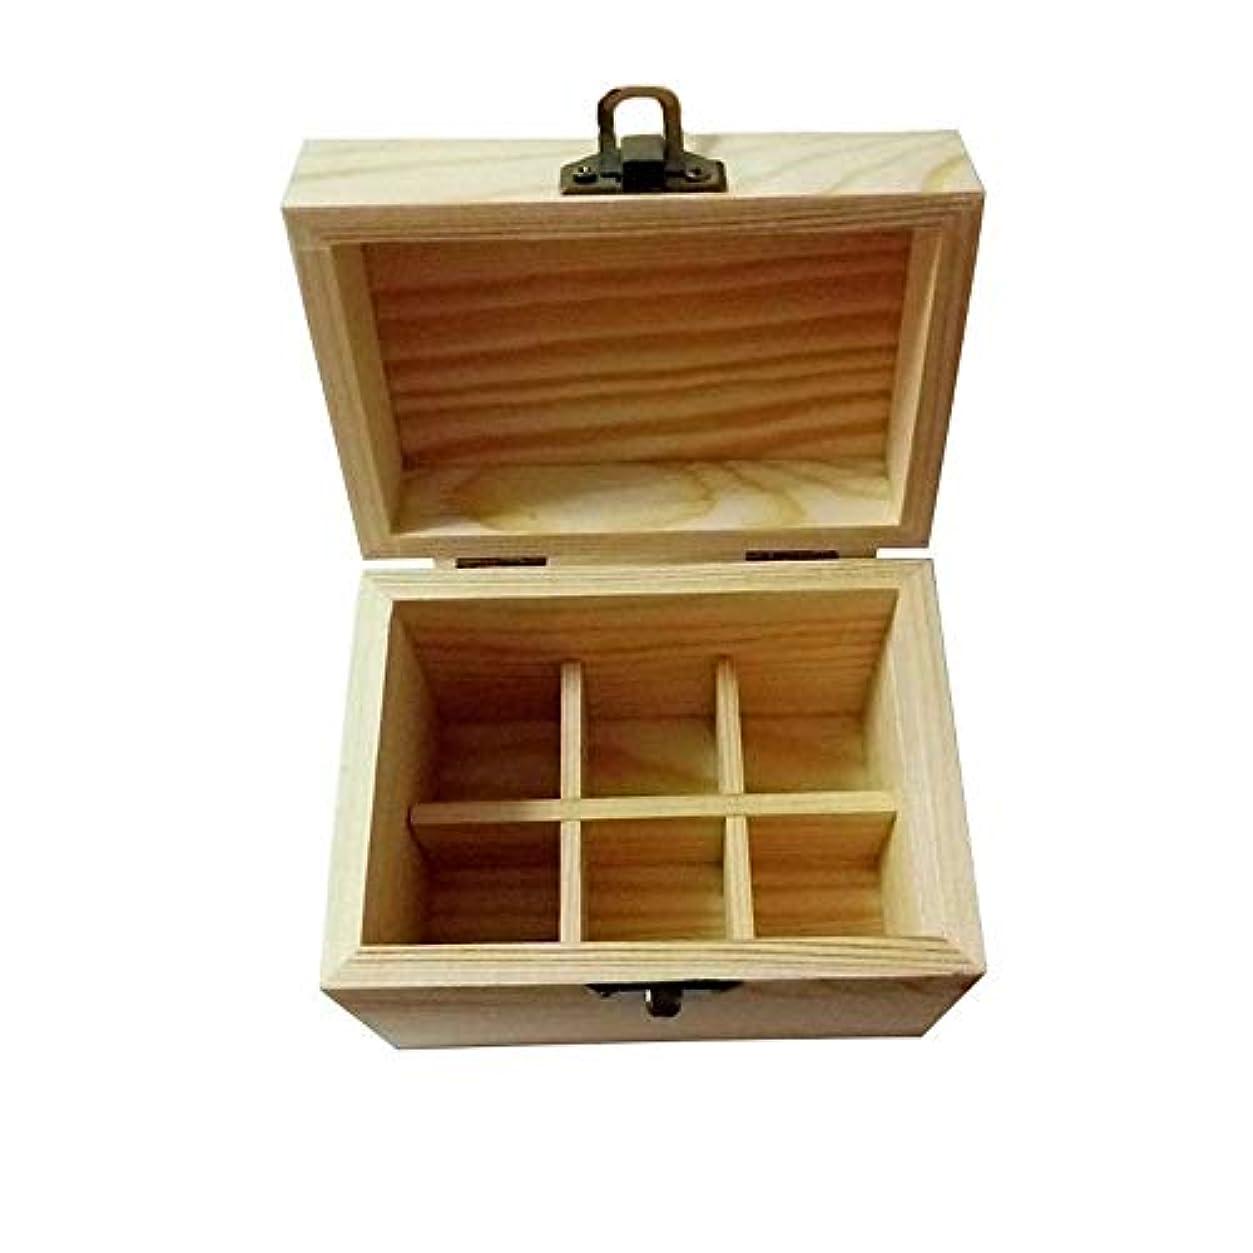 セント群集つぶすエッセンシャルオイルストレージボックスケース木製??の主催者は6本のキャリングセーフボトルやホームストレージの表示を保持します アロマセラピー製品 (色 : Natural, サイズ : 11.5X8X9.5CM)